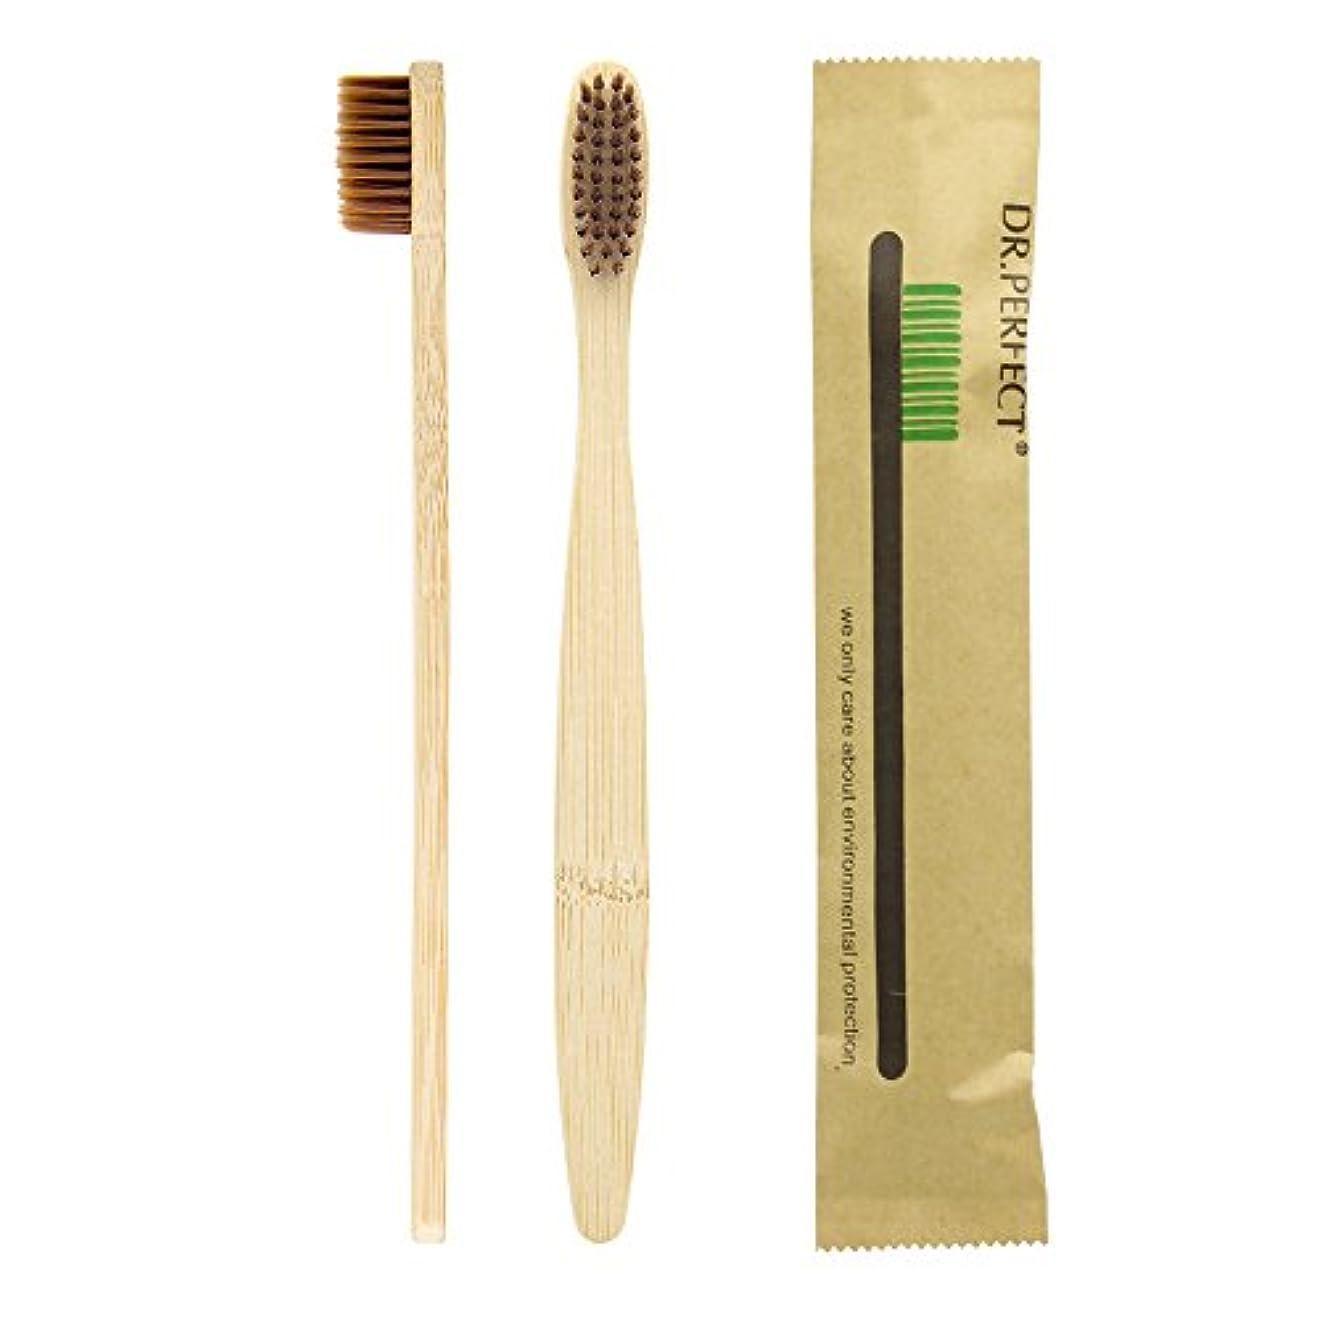 狂気デュアル伝統的Dr.Perfect歯ブラシ竹製歯ブラシアダルト竹の歯ブラシ ナイロン毛 環境保護の歯ブラシ (ブラウン)